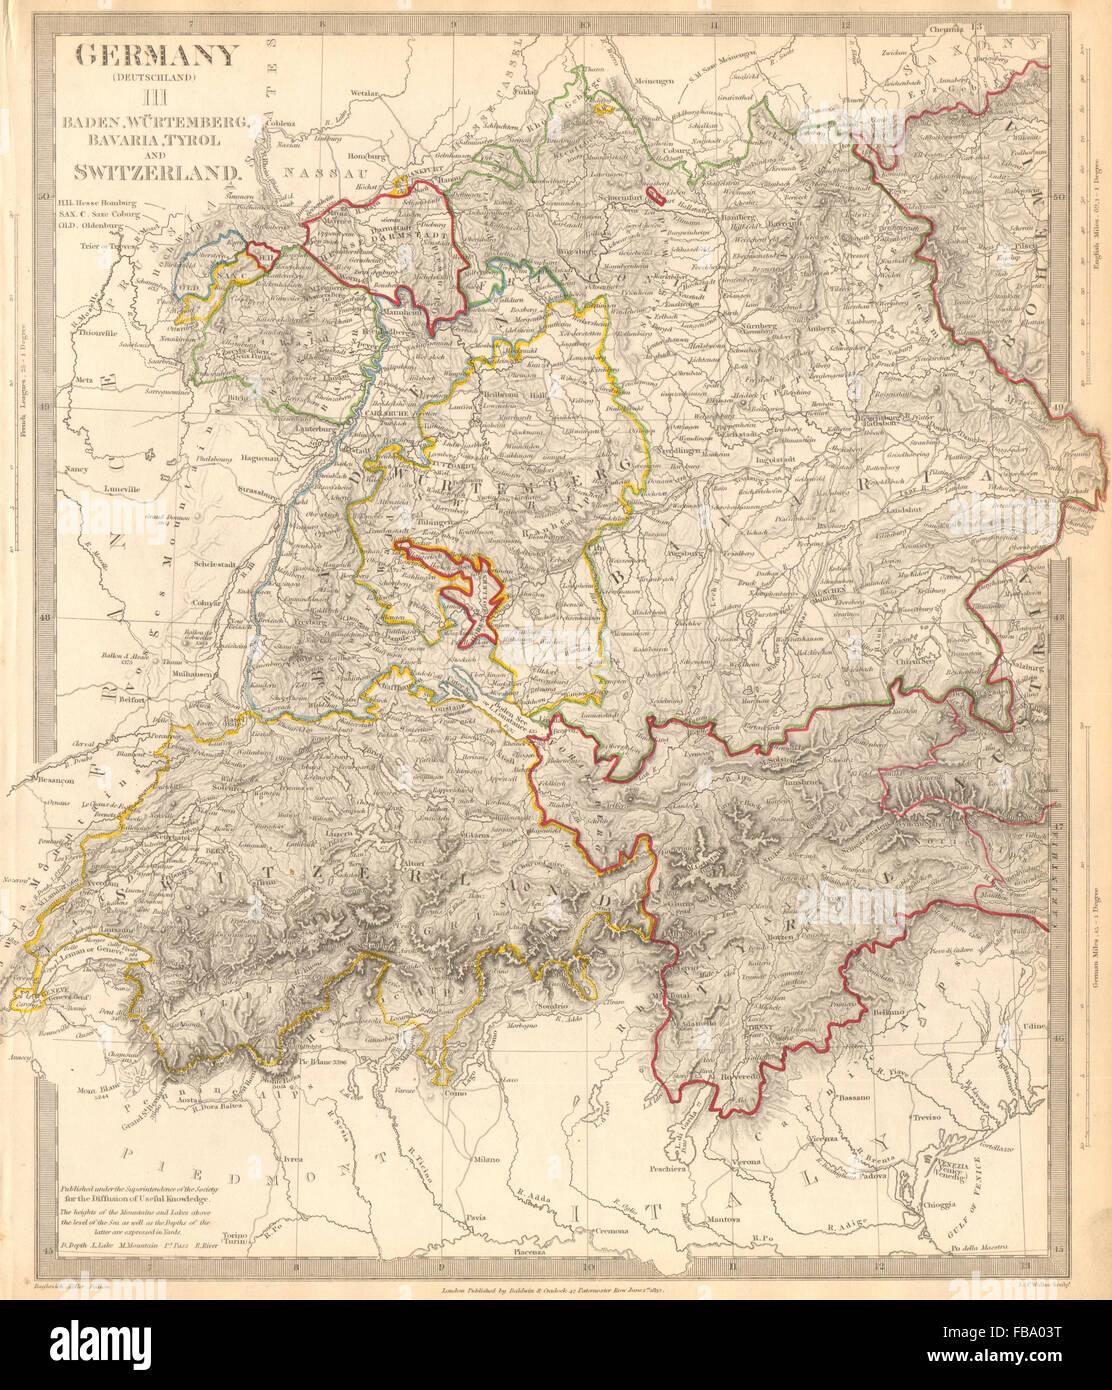 Karte Süddeutschland österreich Schweiz.Deutschland Schweiz österreich Baden Württemberg Bayern Tirol